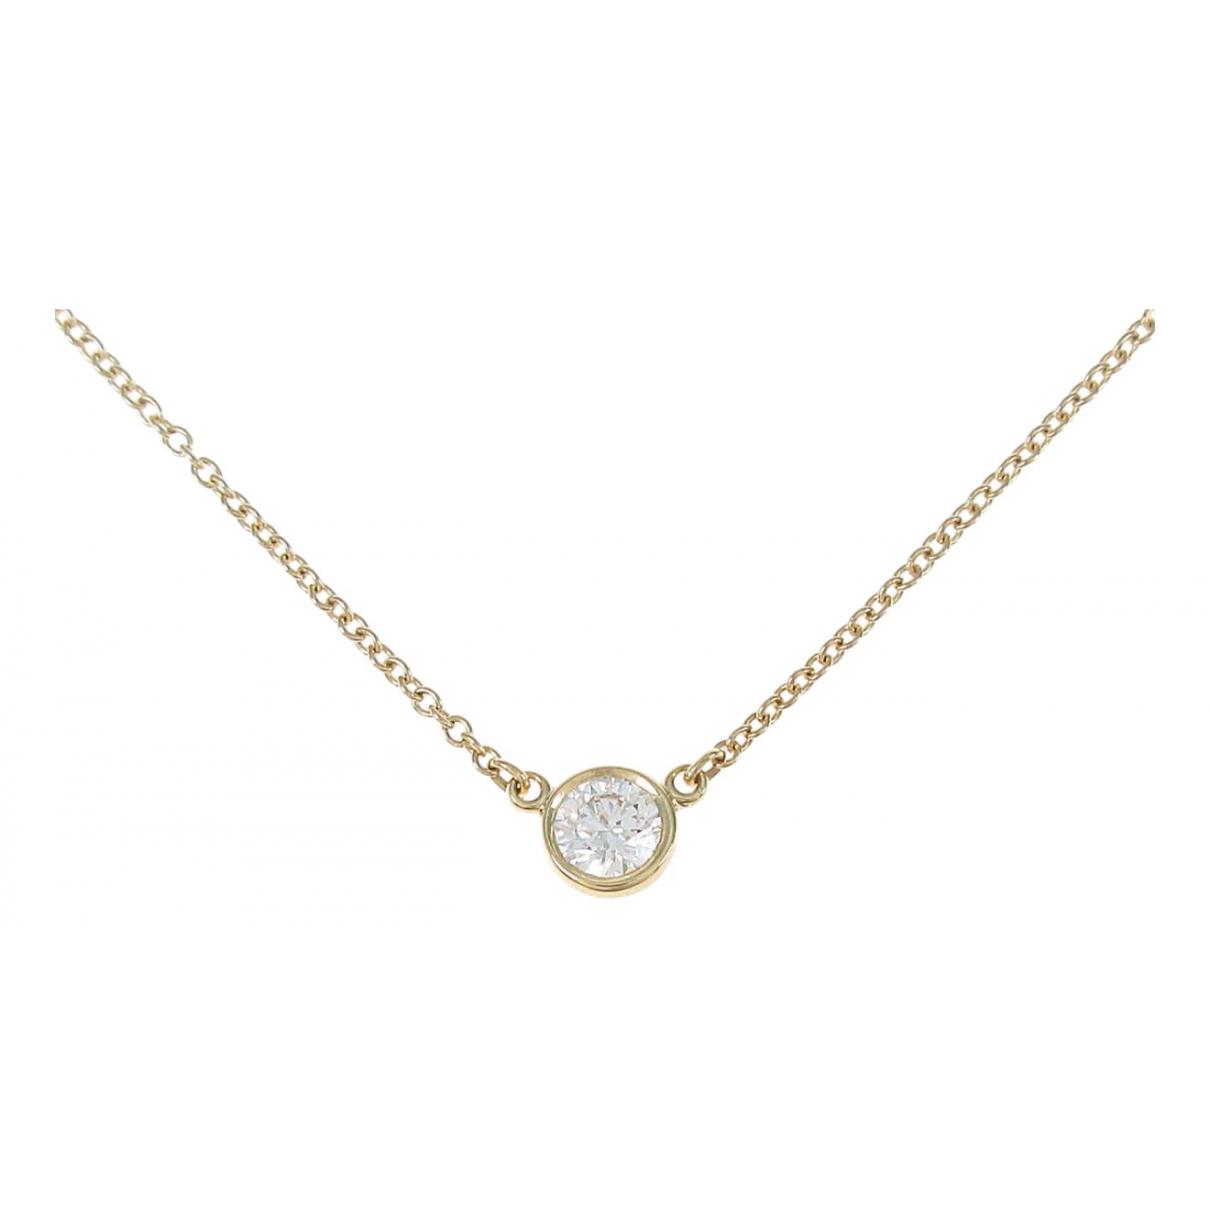 Collar Elsa Peretti  de Oro amarillo Tiffany & Co